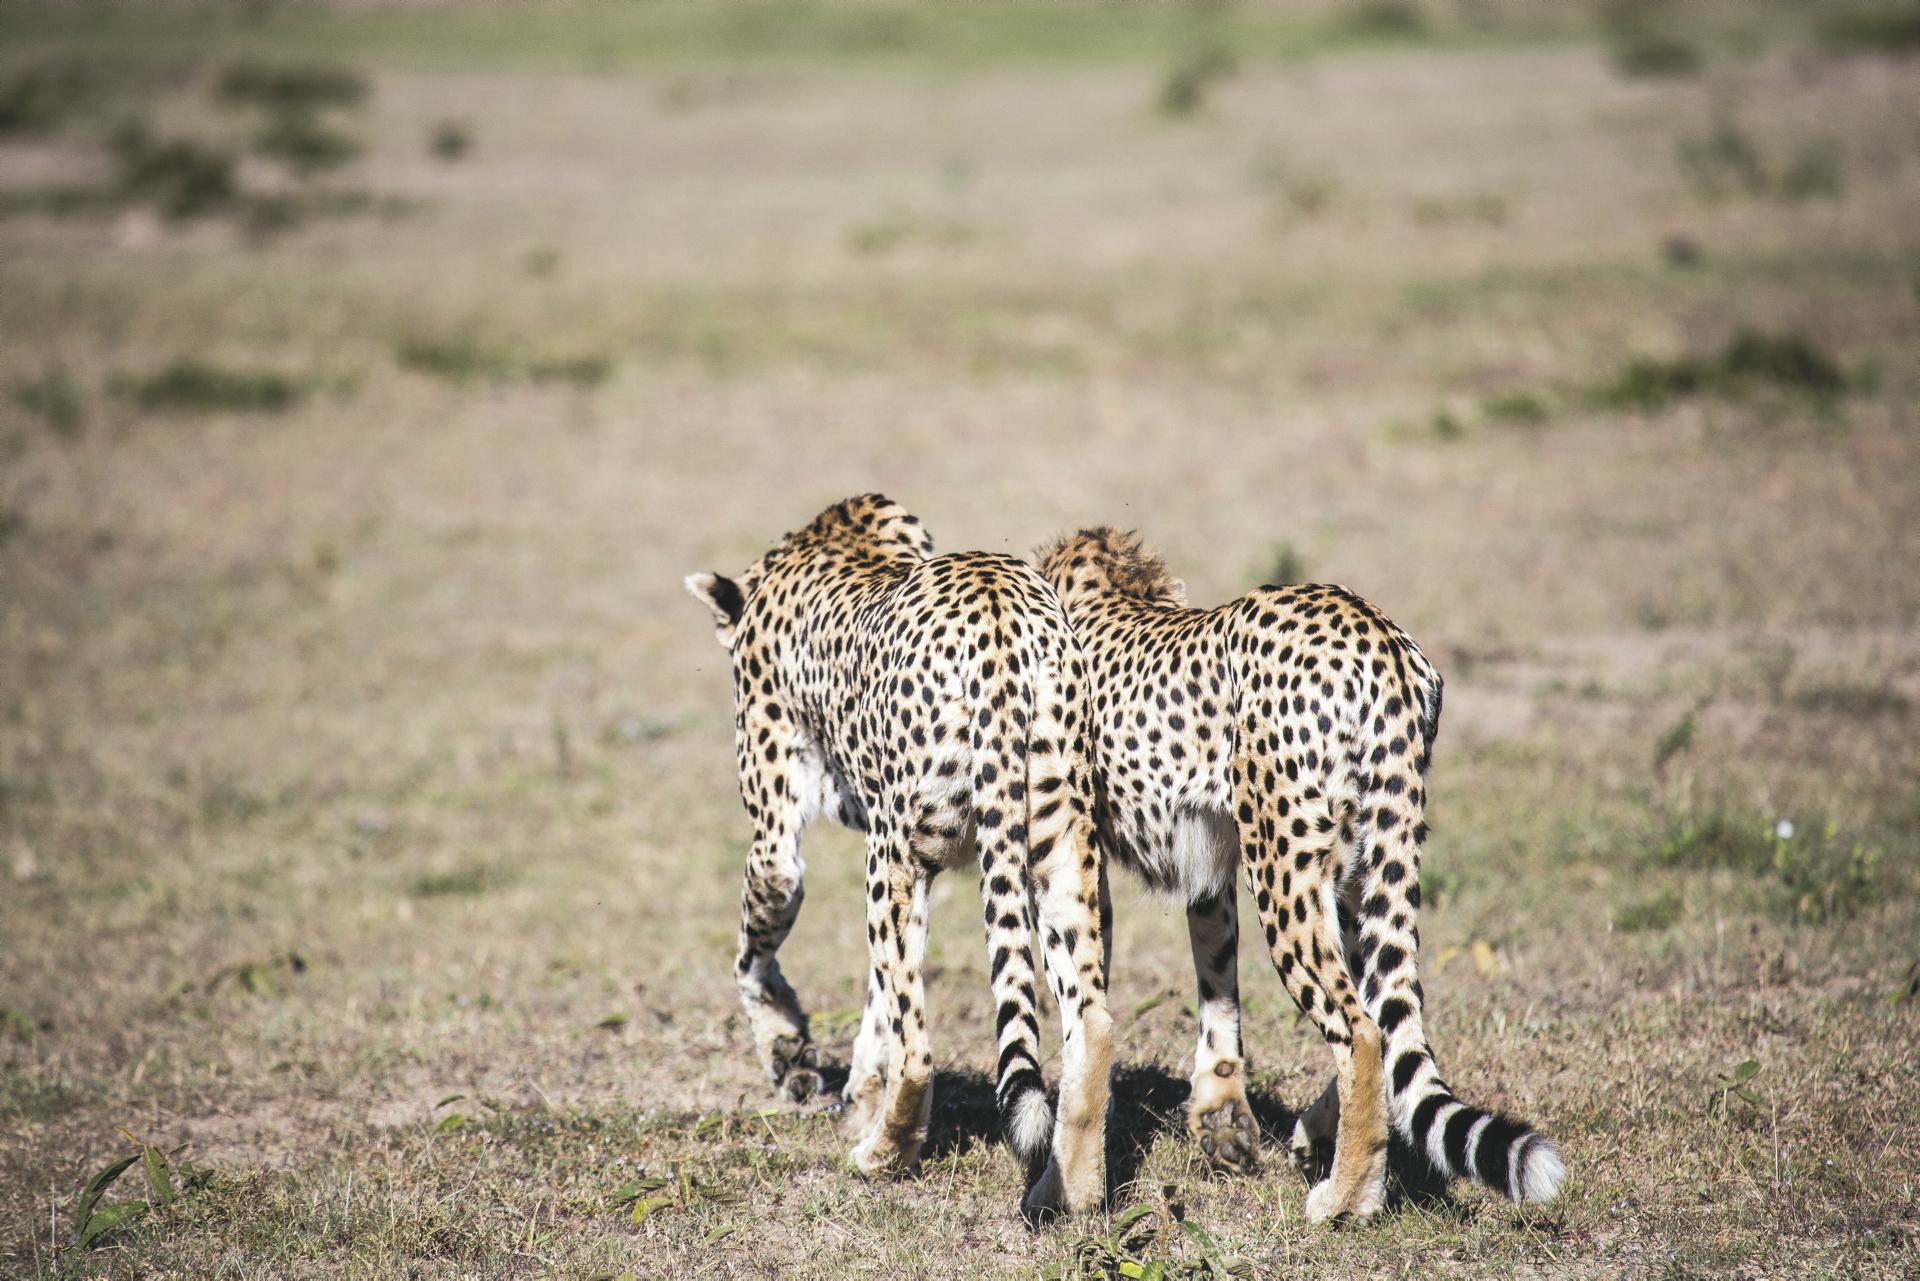 ©Lars Eichapfel, DIAMIR; Die schnellen Jäger mal langsam